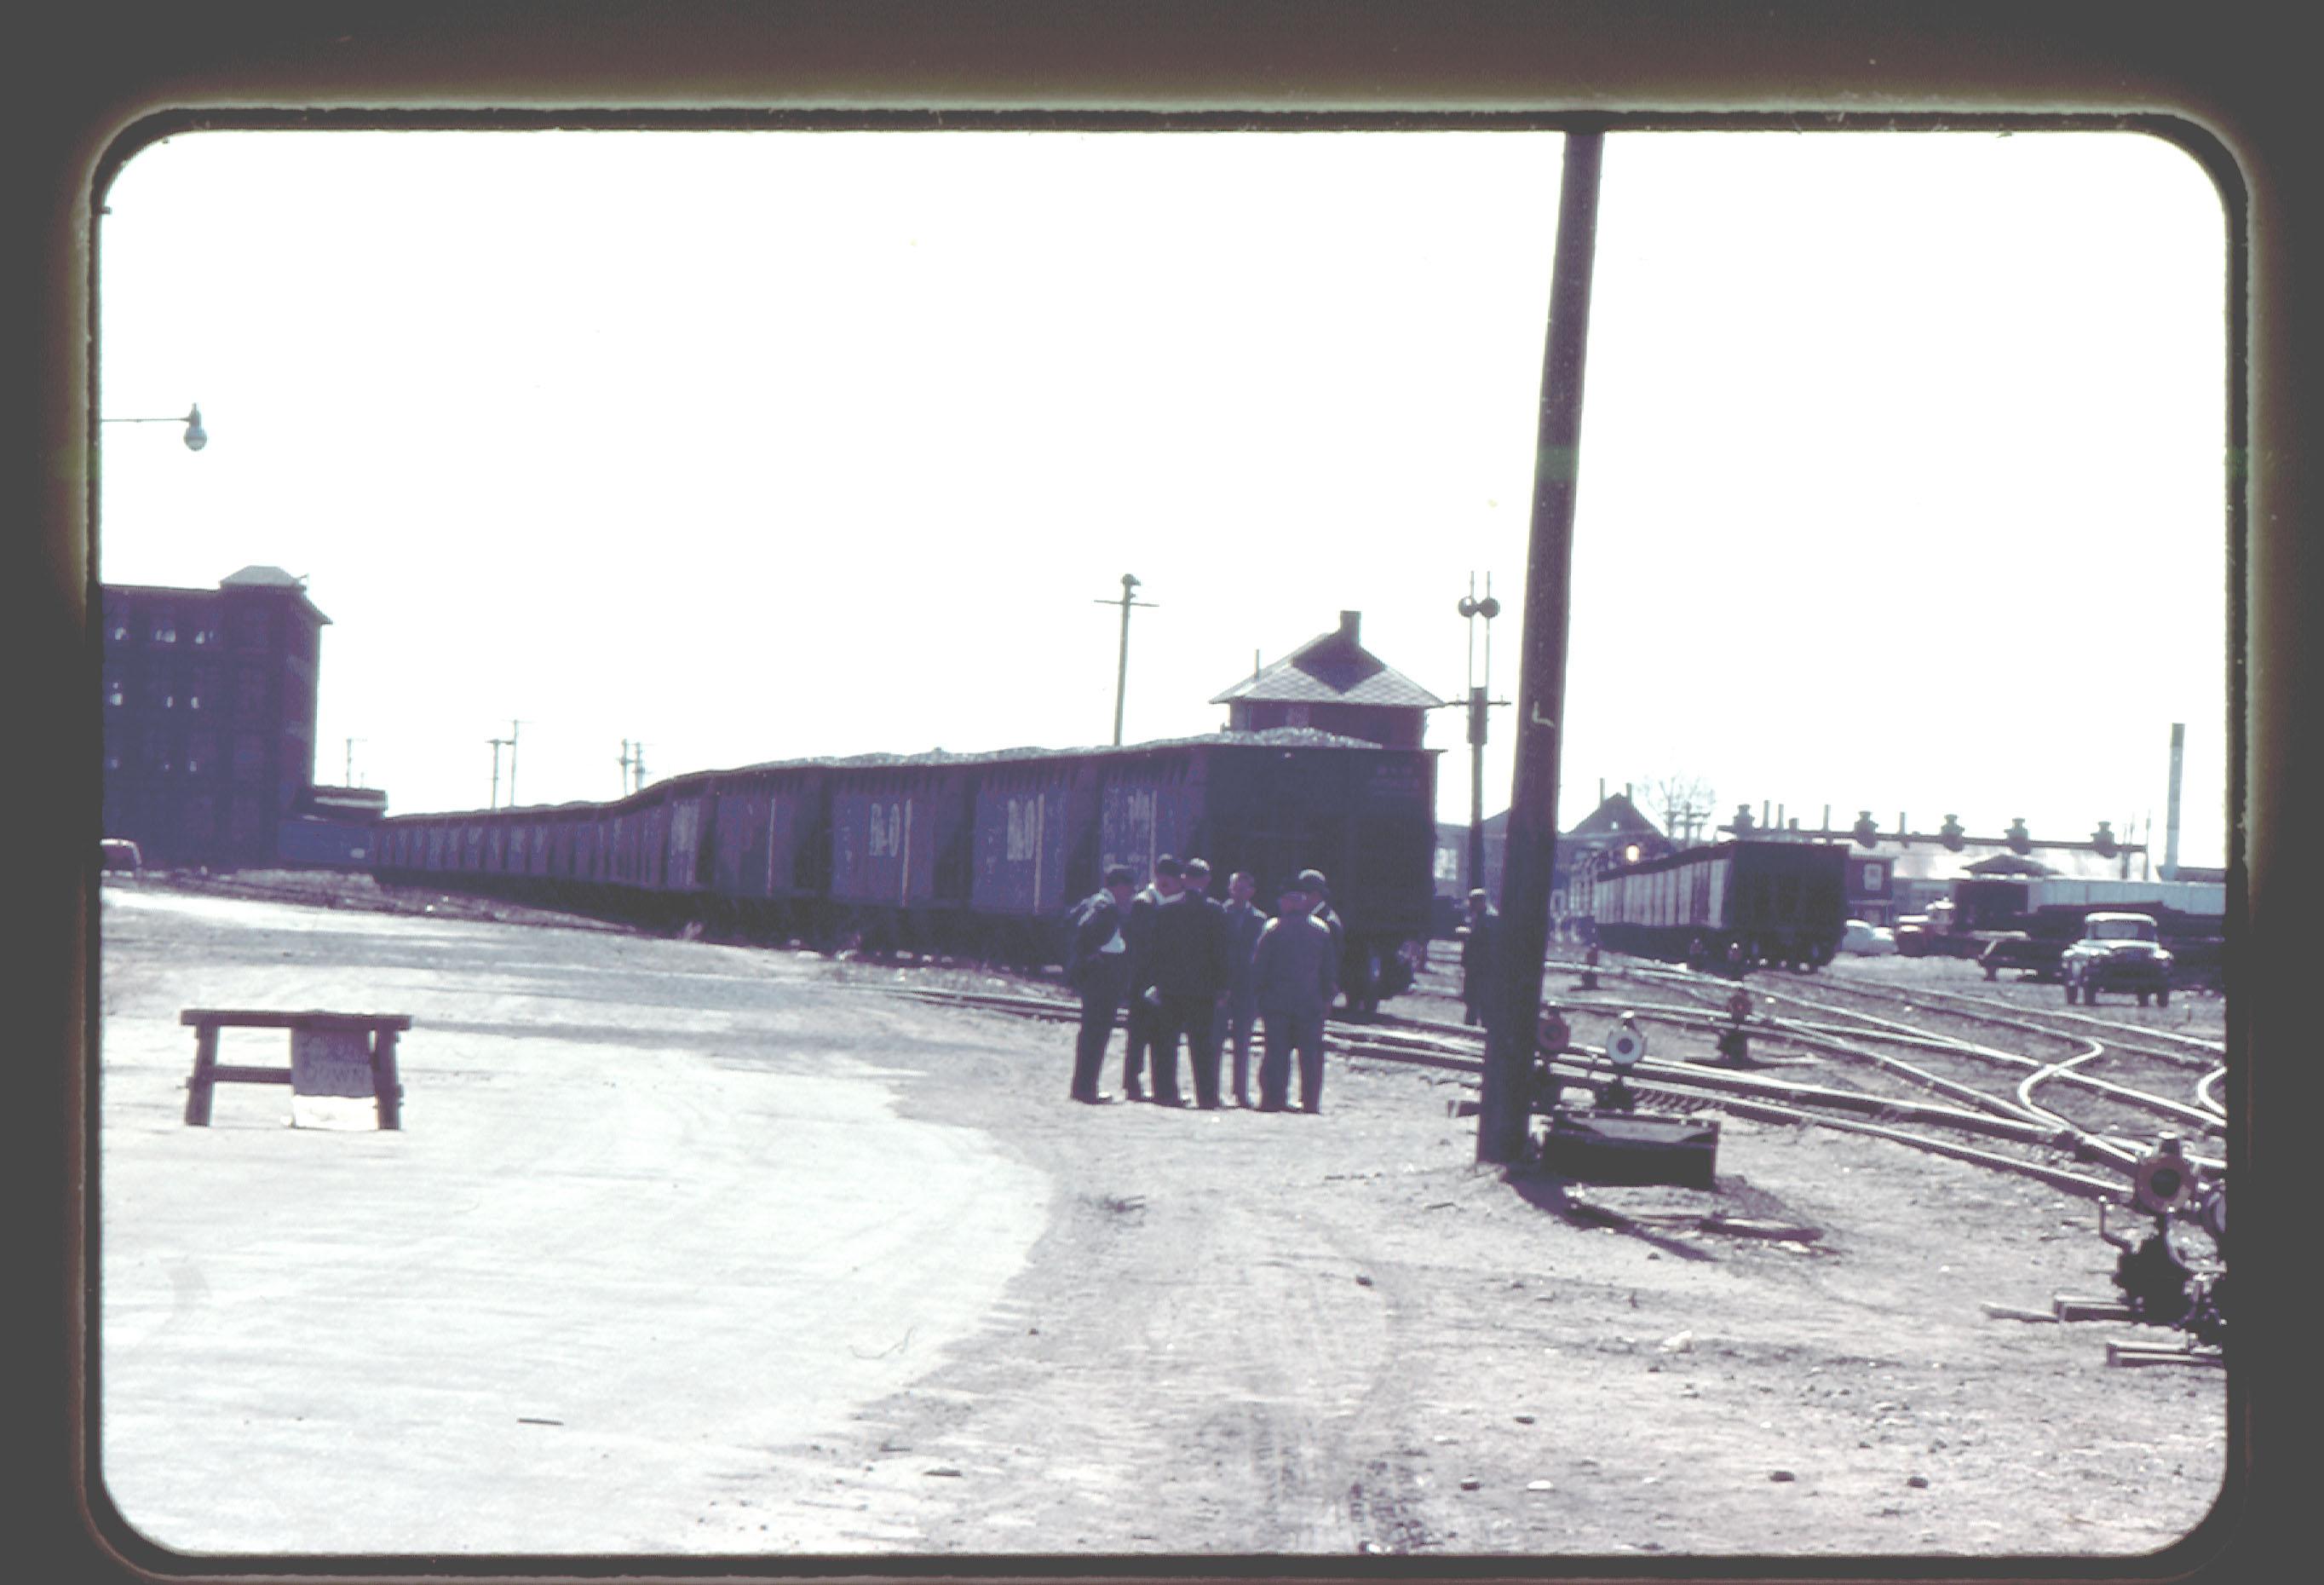 Bpt Harbor003r.jpg